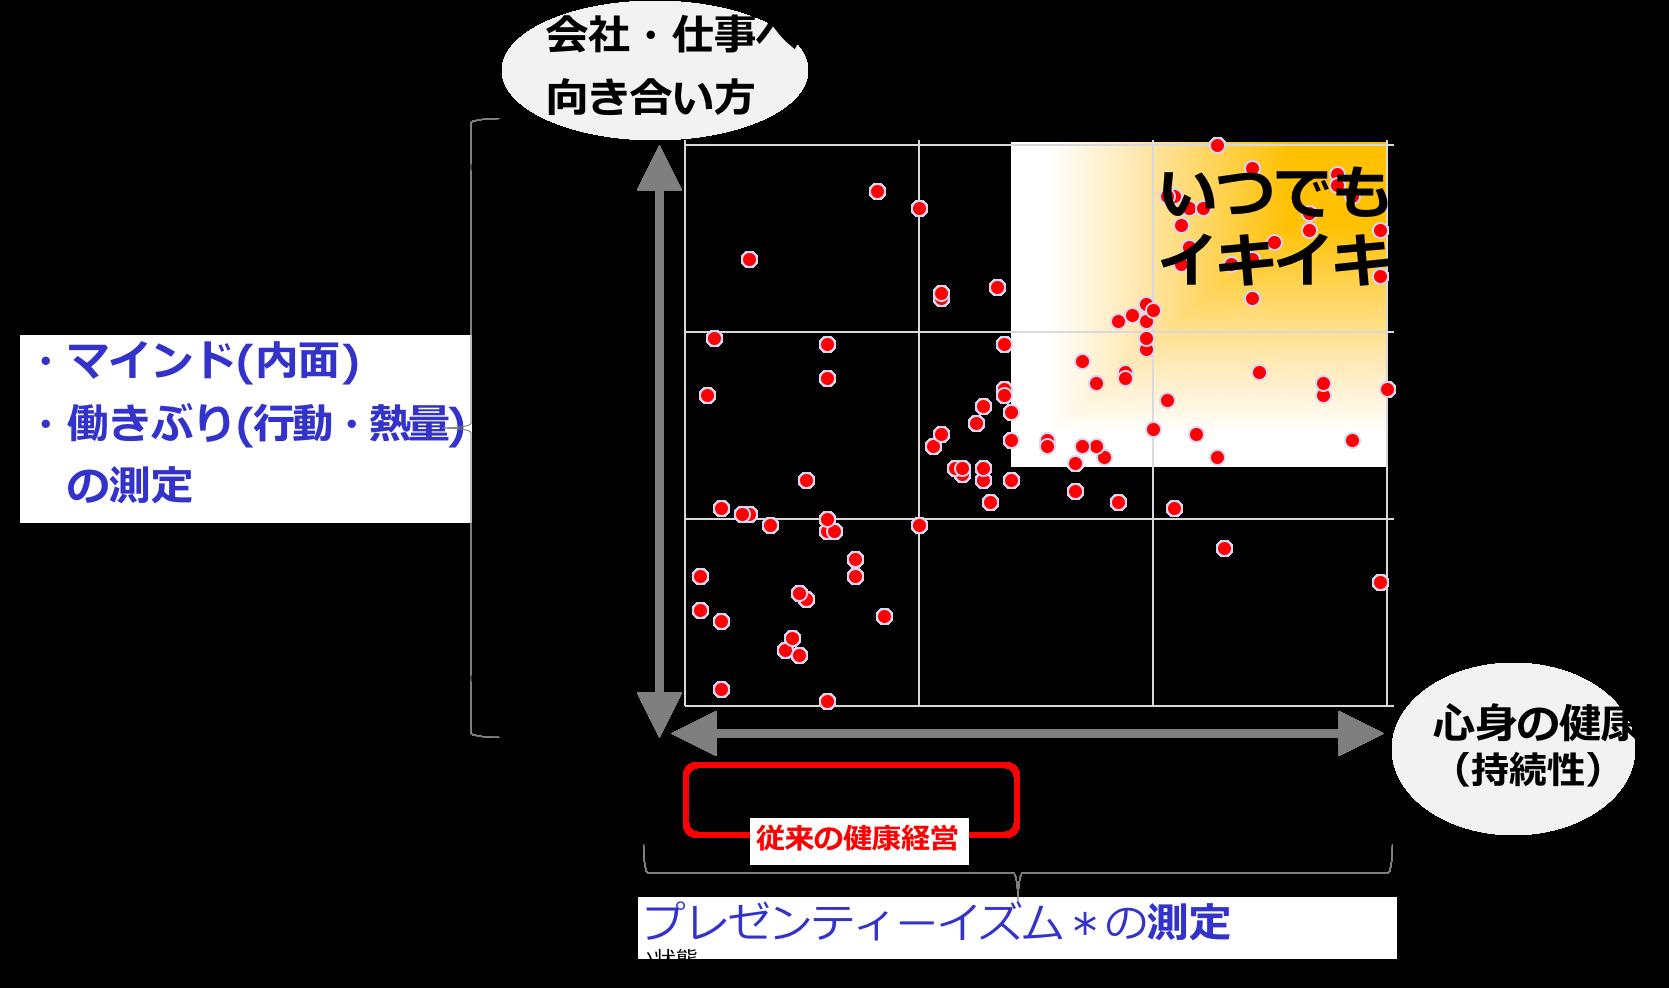 プラットフォーム事業で「戦略的活力経営」を日本企業に届ける